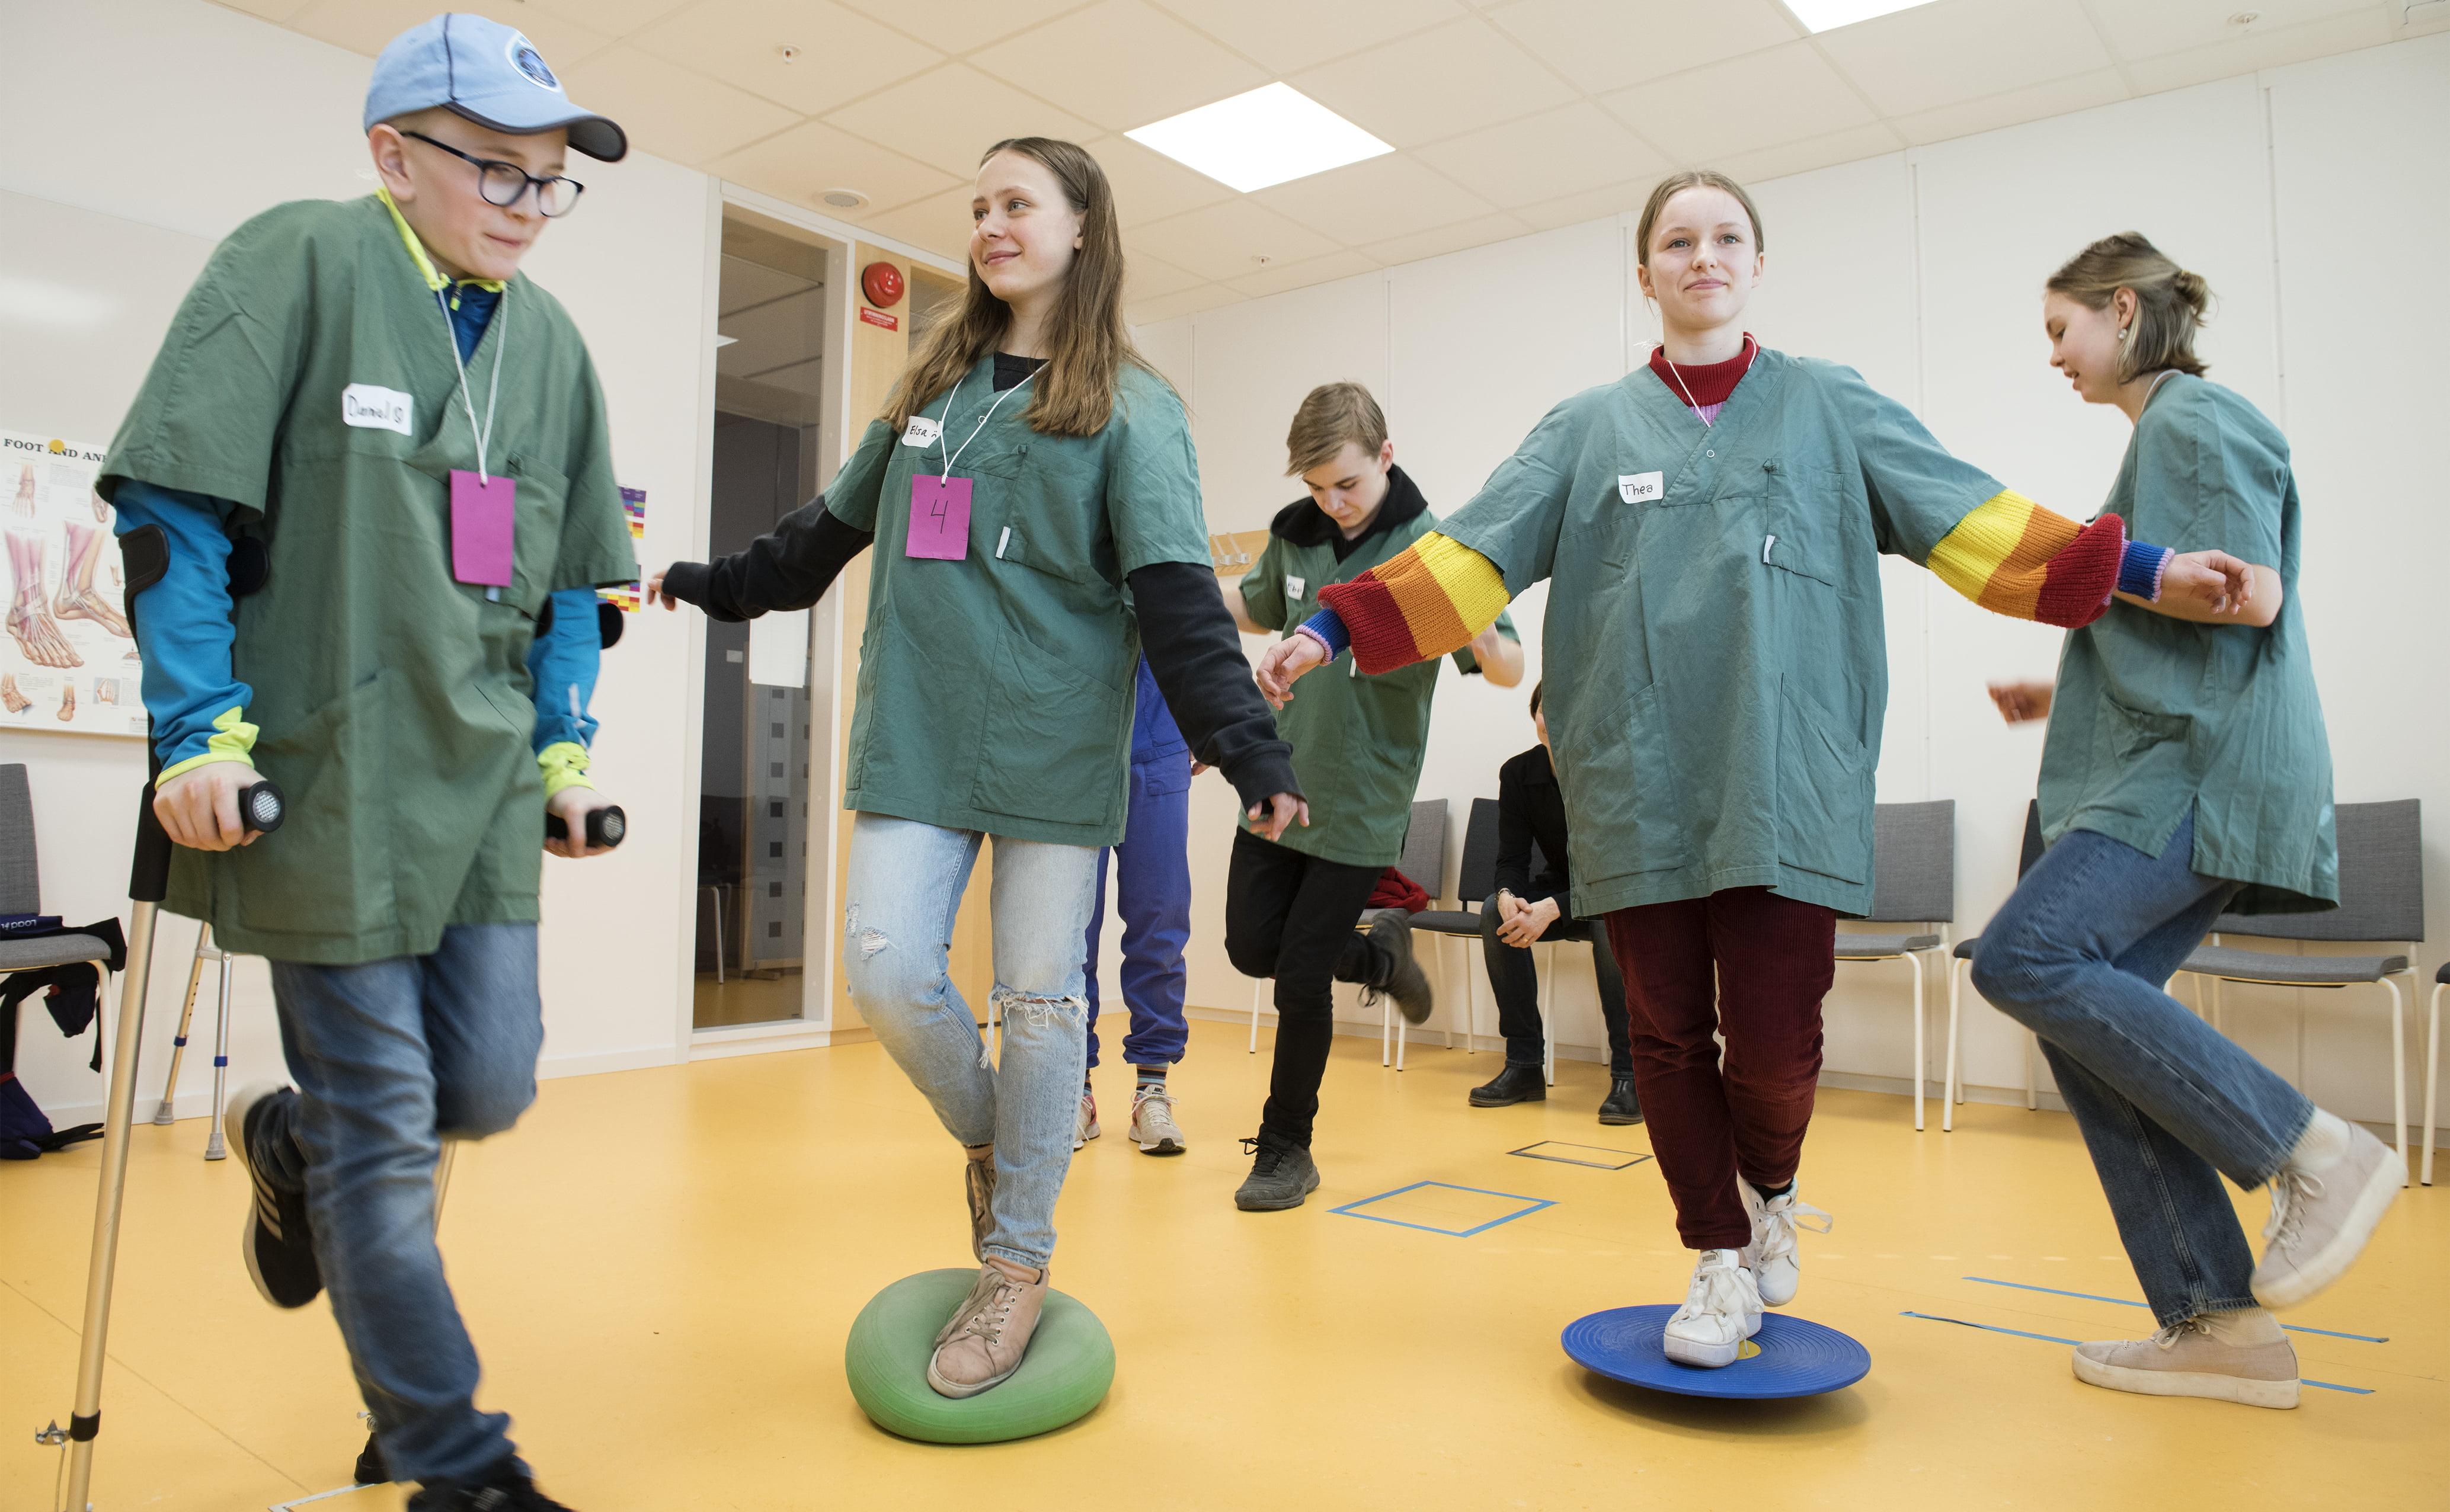 Åttondeklassare från Kålltorpsskolan får prova olika metoder att testa och träna upp balans och benstyrka. Foto: Anna Rehnberg